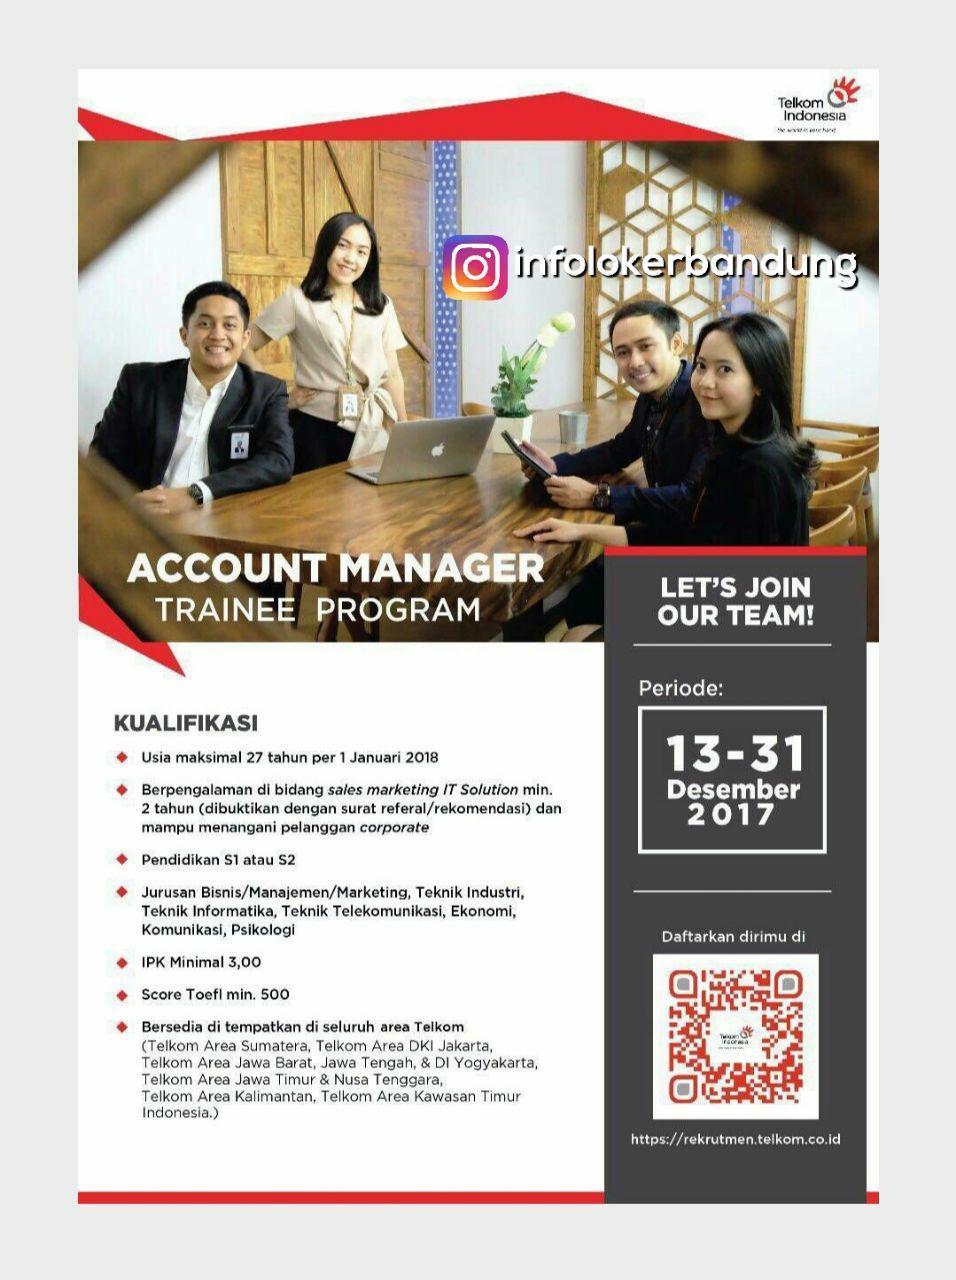 Lowongan Kerja PT. Telkom Indonesia Desember 2017